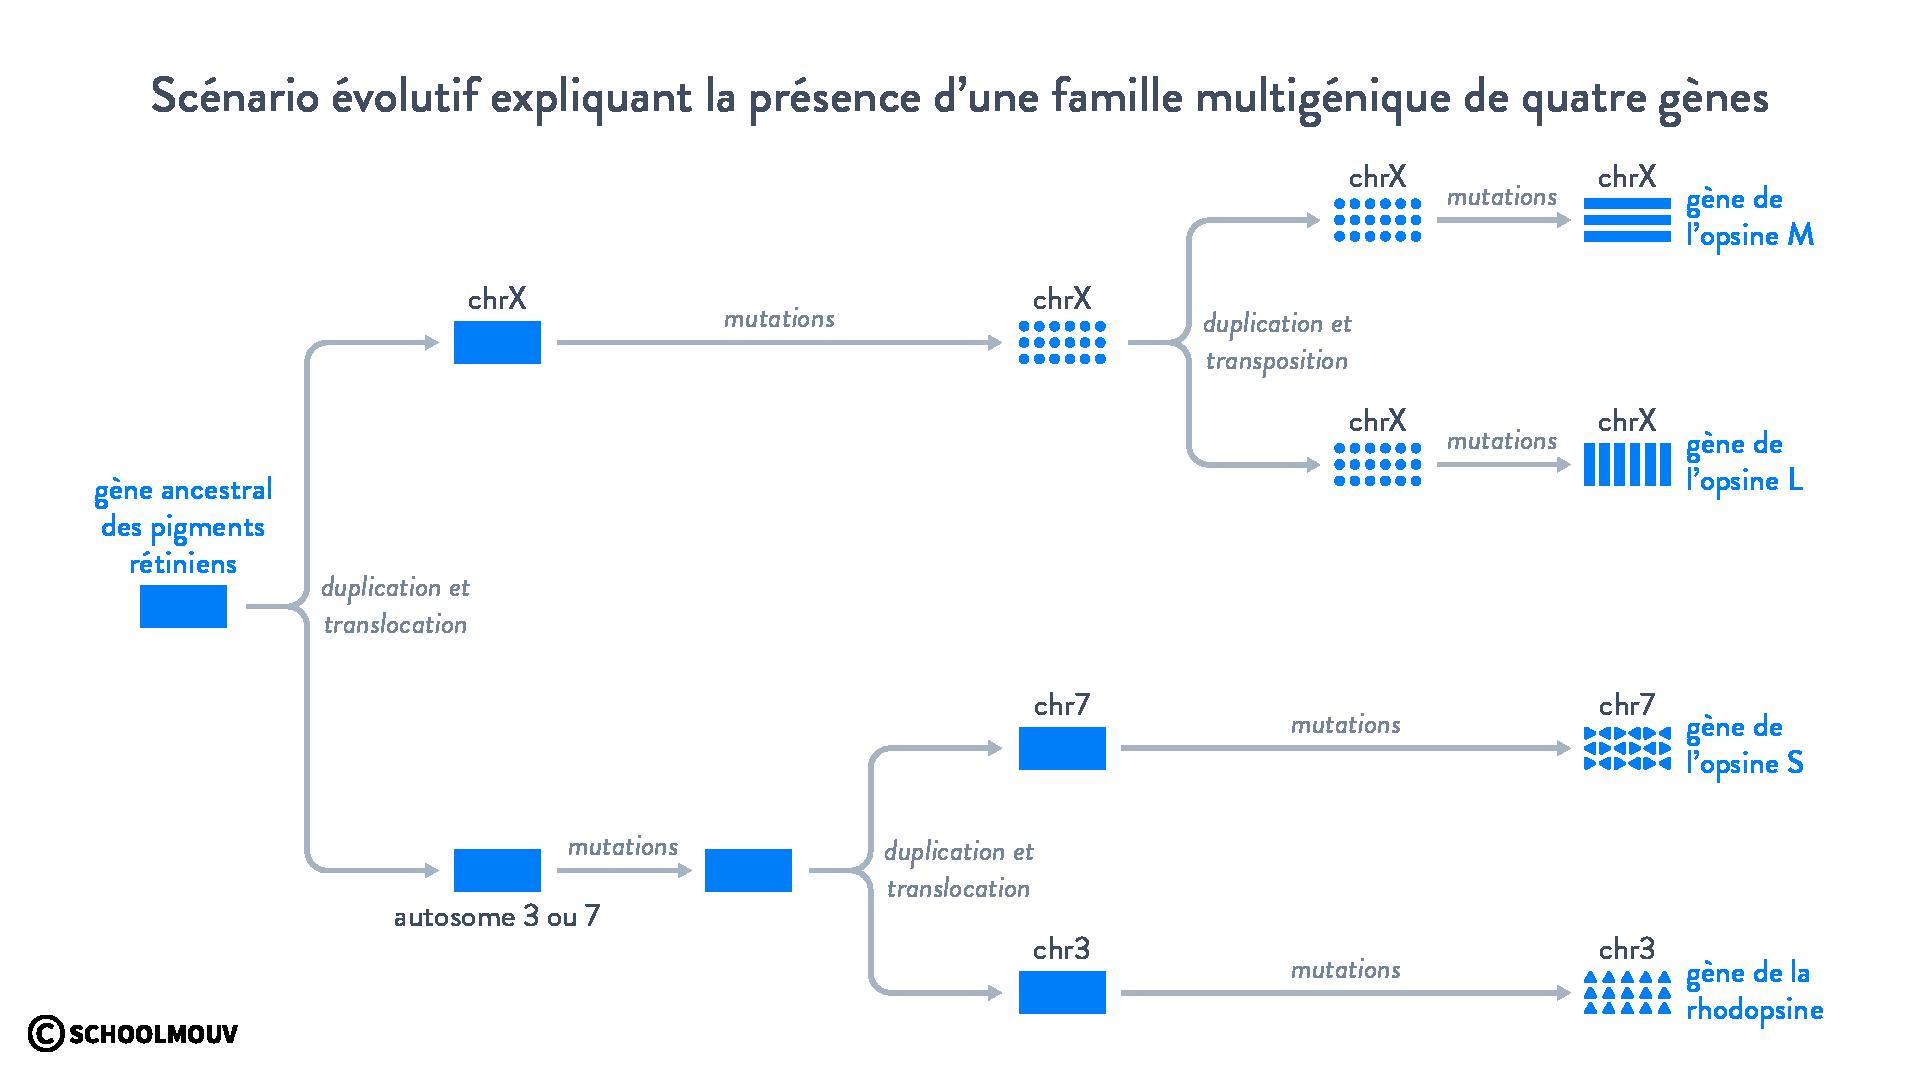 Scénario évolutif expliquant la présence d'une famille multigénique de quatre gènes